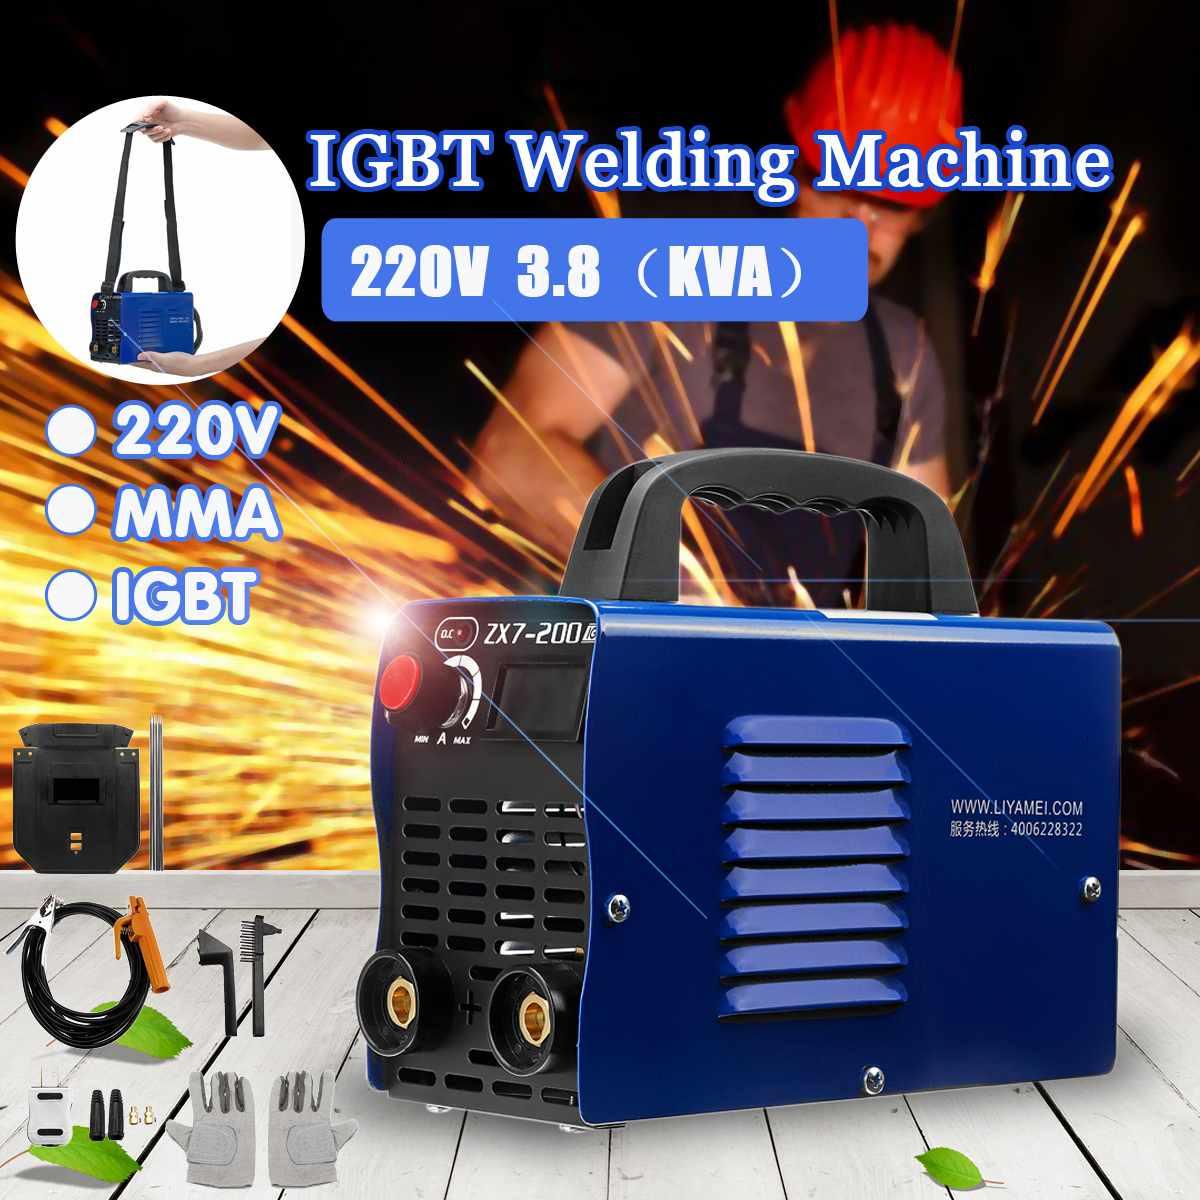 ZX7 200 4 кВт 220 В 20 200A ММА IGBT DC инвертор ручной Электрический сварочный аппарат дуговой сварки сварщиков инвертор машина инструмент